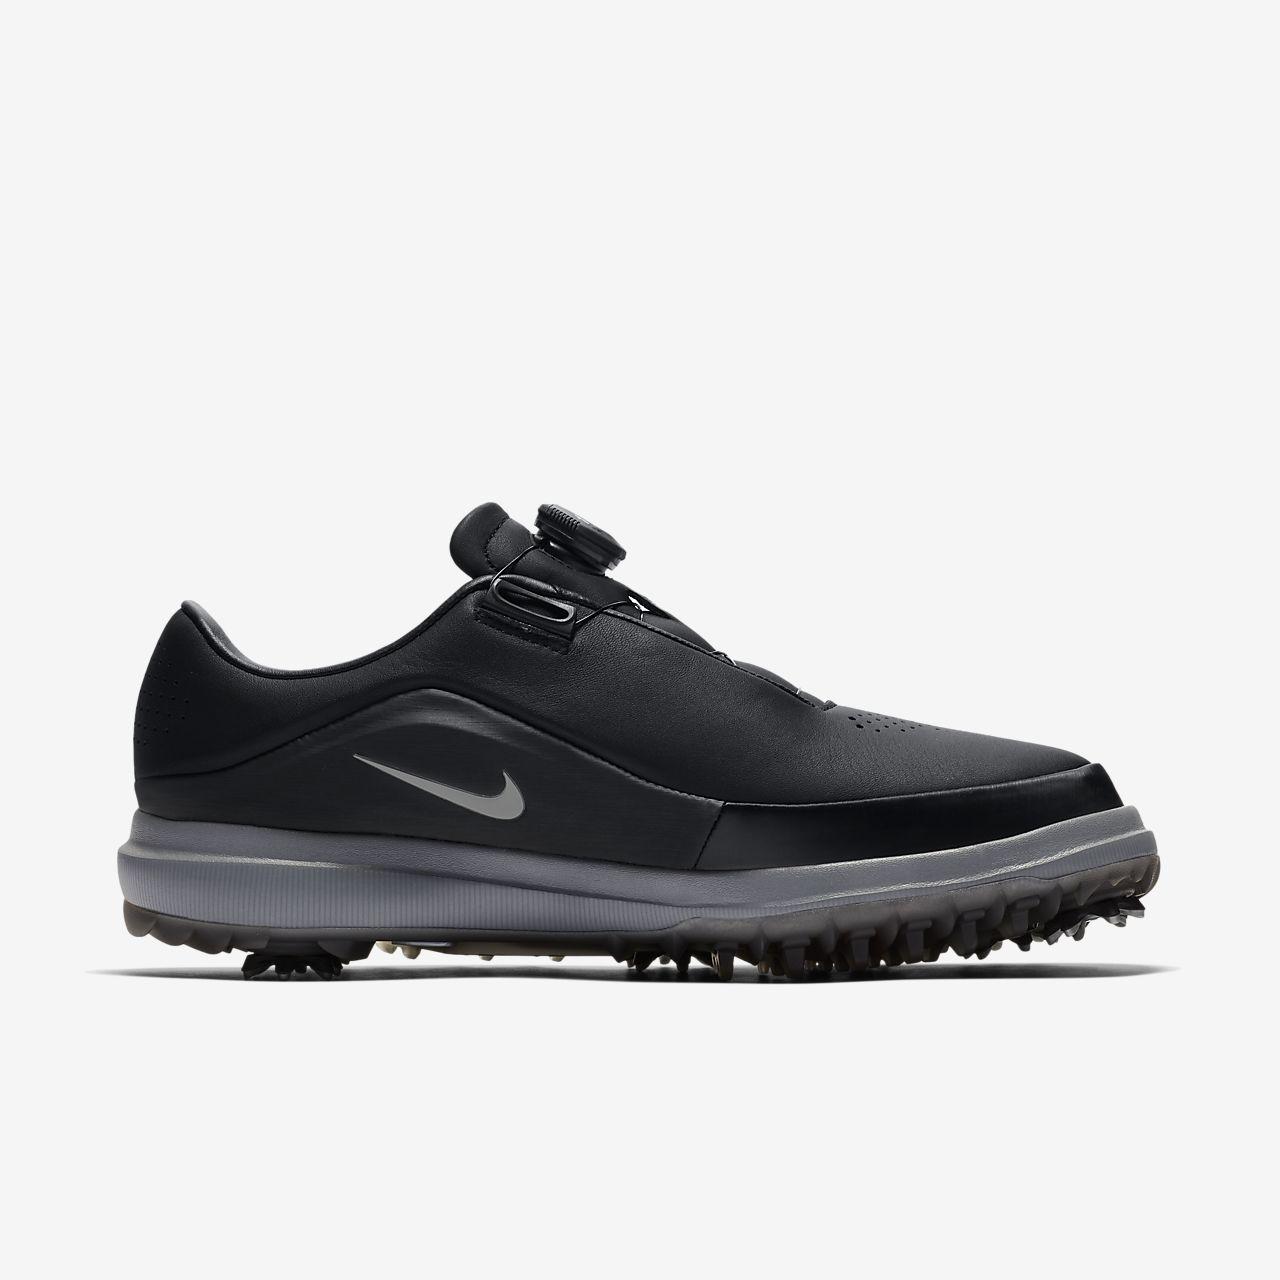 eb8e6e1546ba0 Nike Air Zoom Precision BOA ® Men s Golf Shoe. Nike.com IE